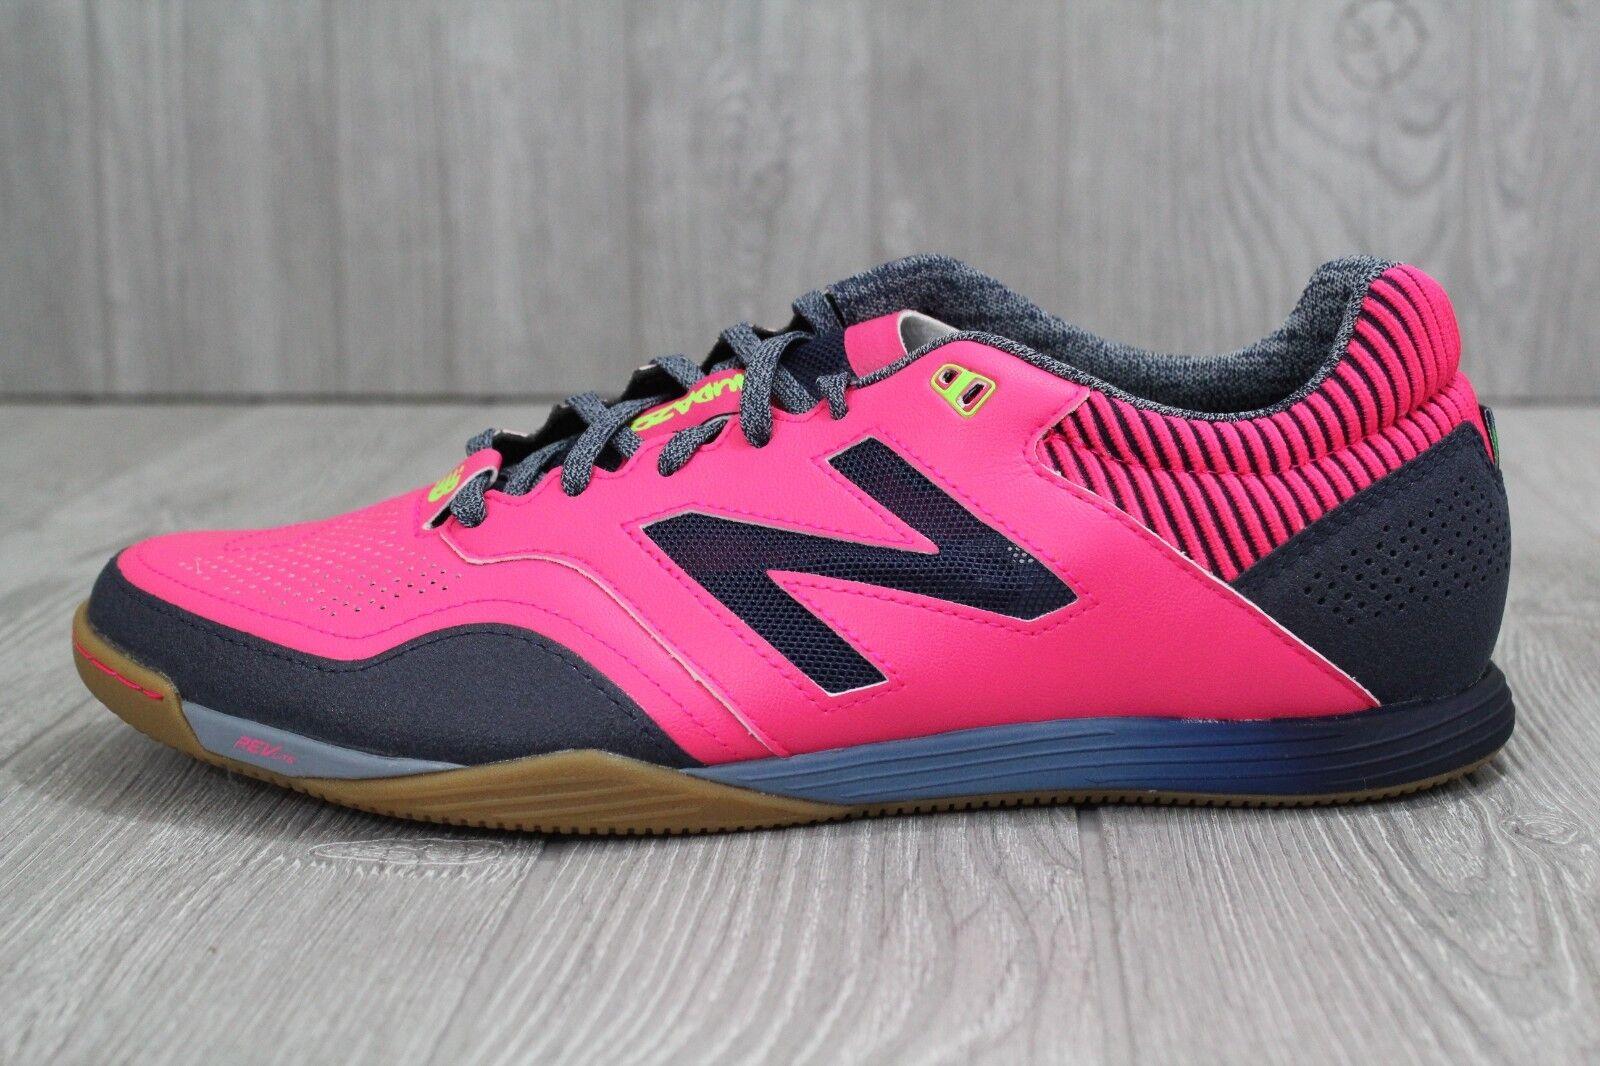 28 neue gleichgewicht - mens audazo 2.0 pro - gleichgewicht fußball - schuhe der größe 11 msapipd2 f4c1dc